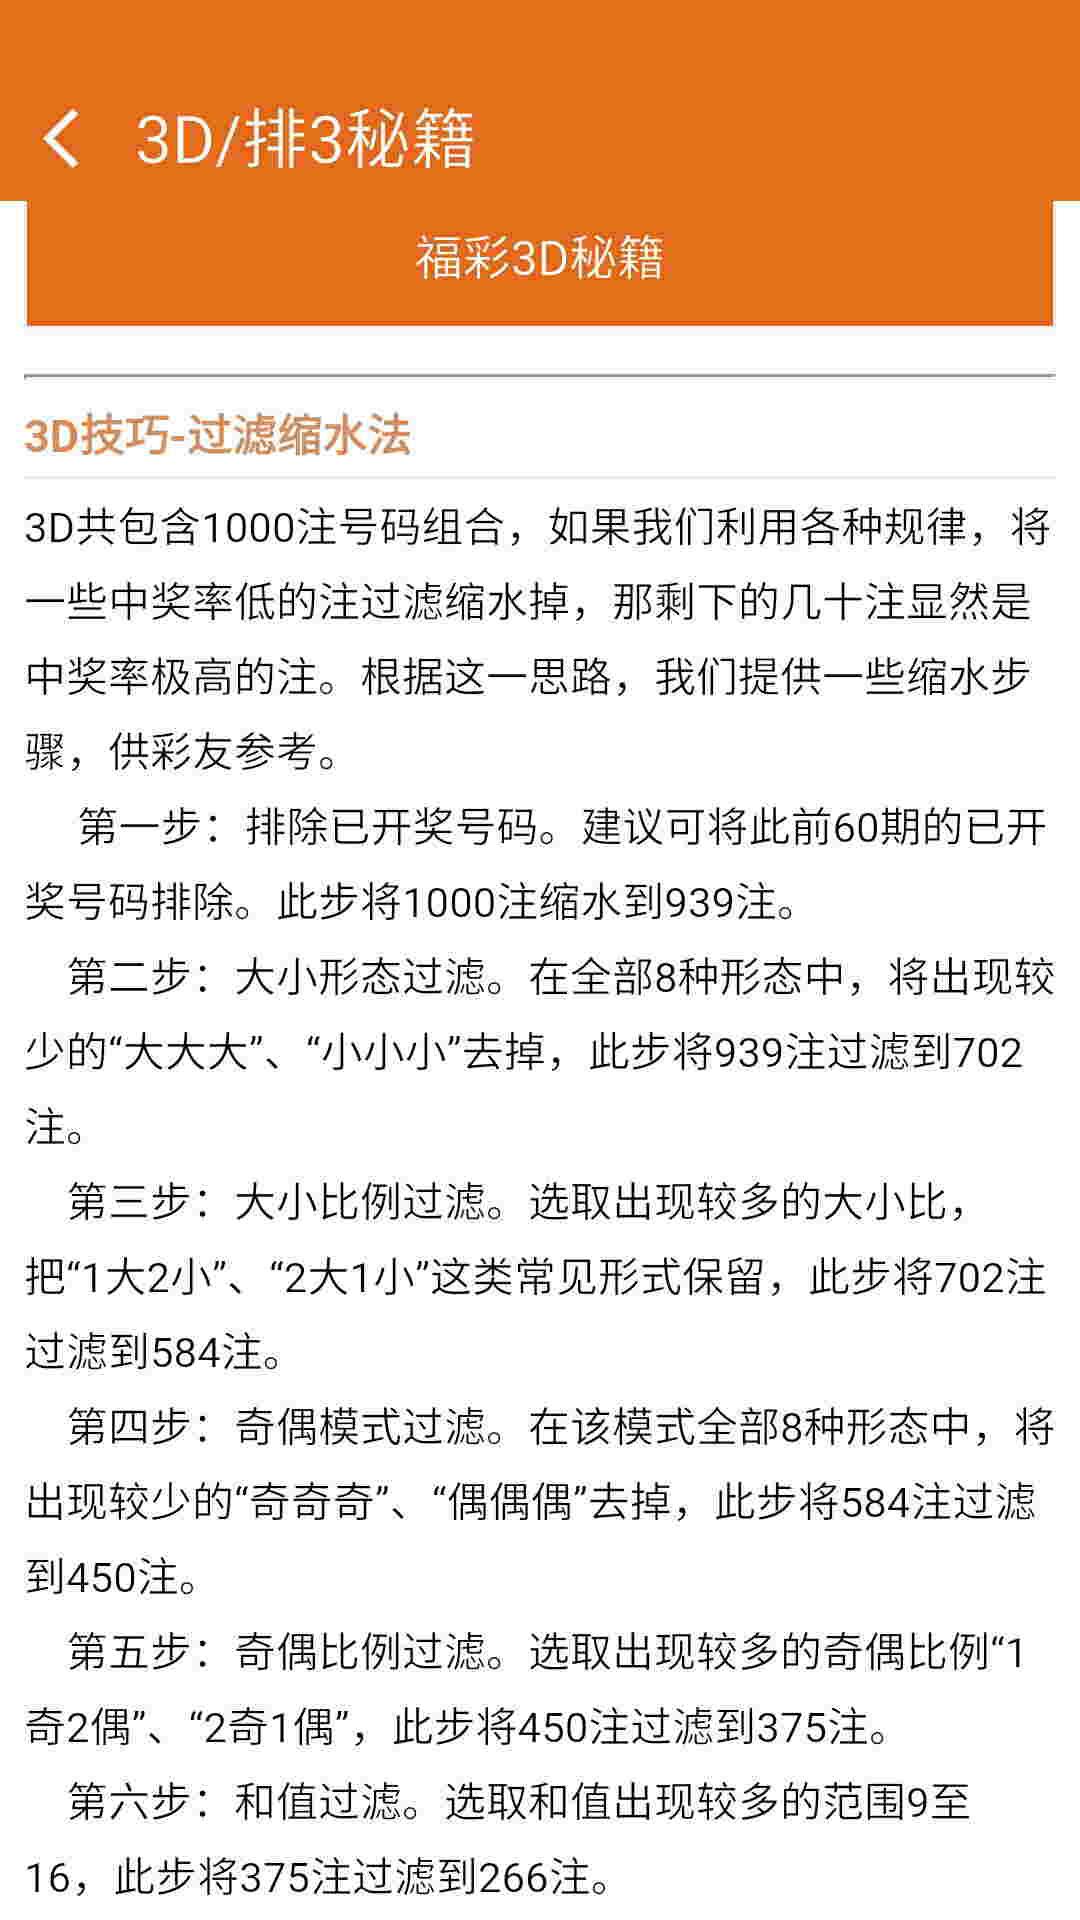 福彩3d最近1000期走势图带连线_3d最近1000期走势图彩经网